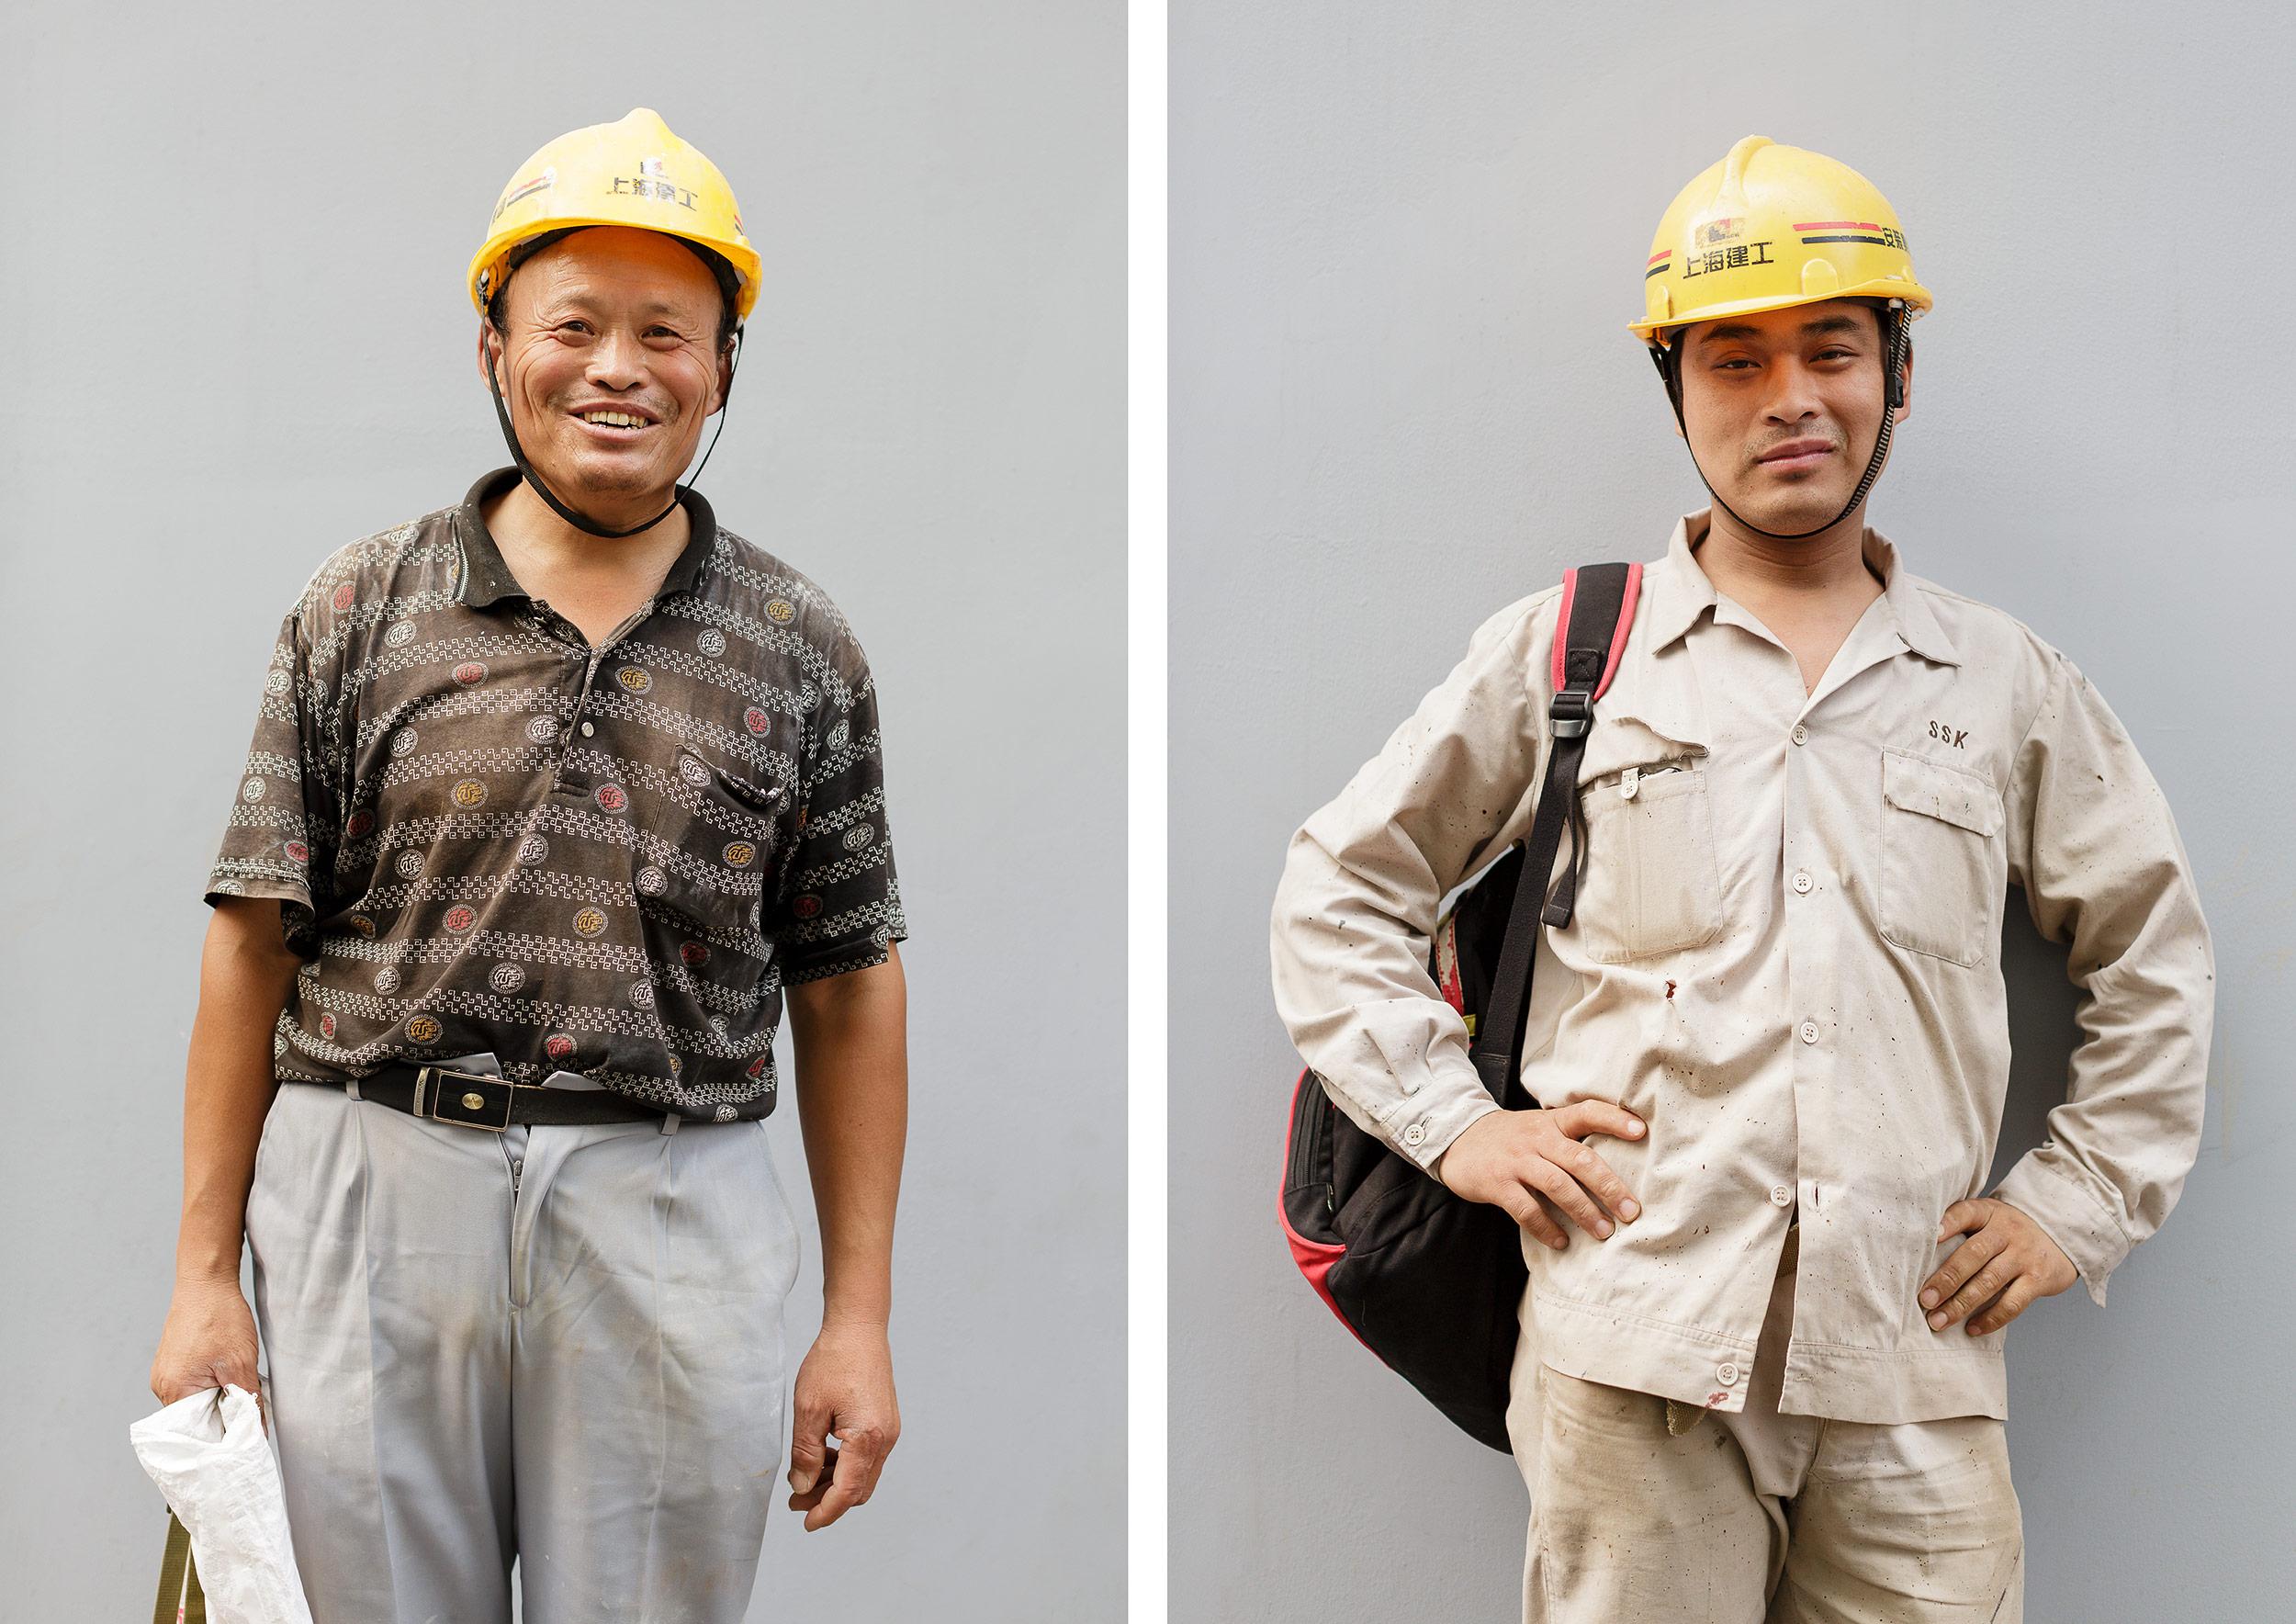 Workers20.jpg